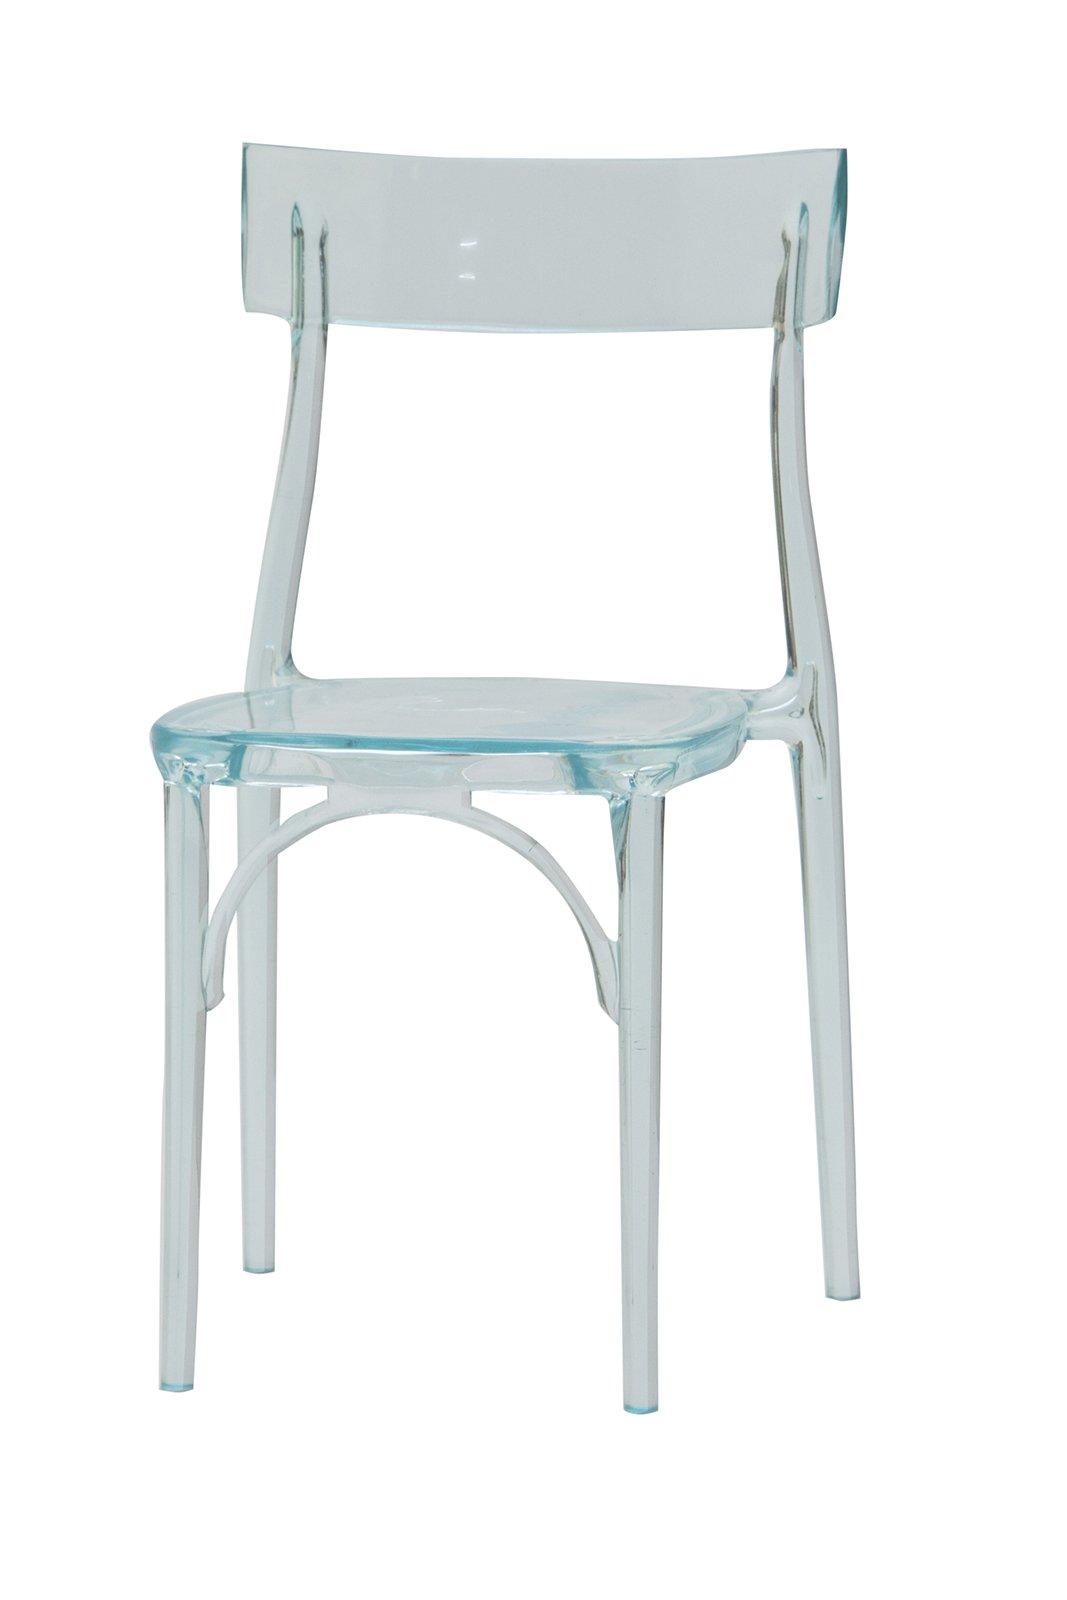 Colico design milano sedie trasparenti cose di casa for Sedie design milano